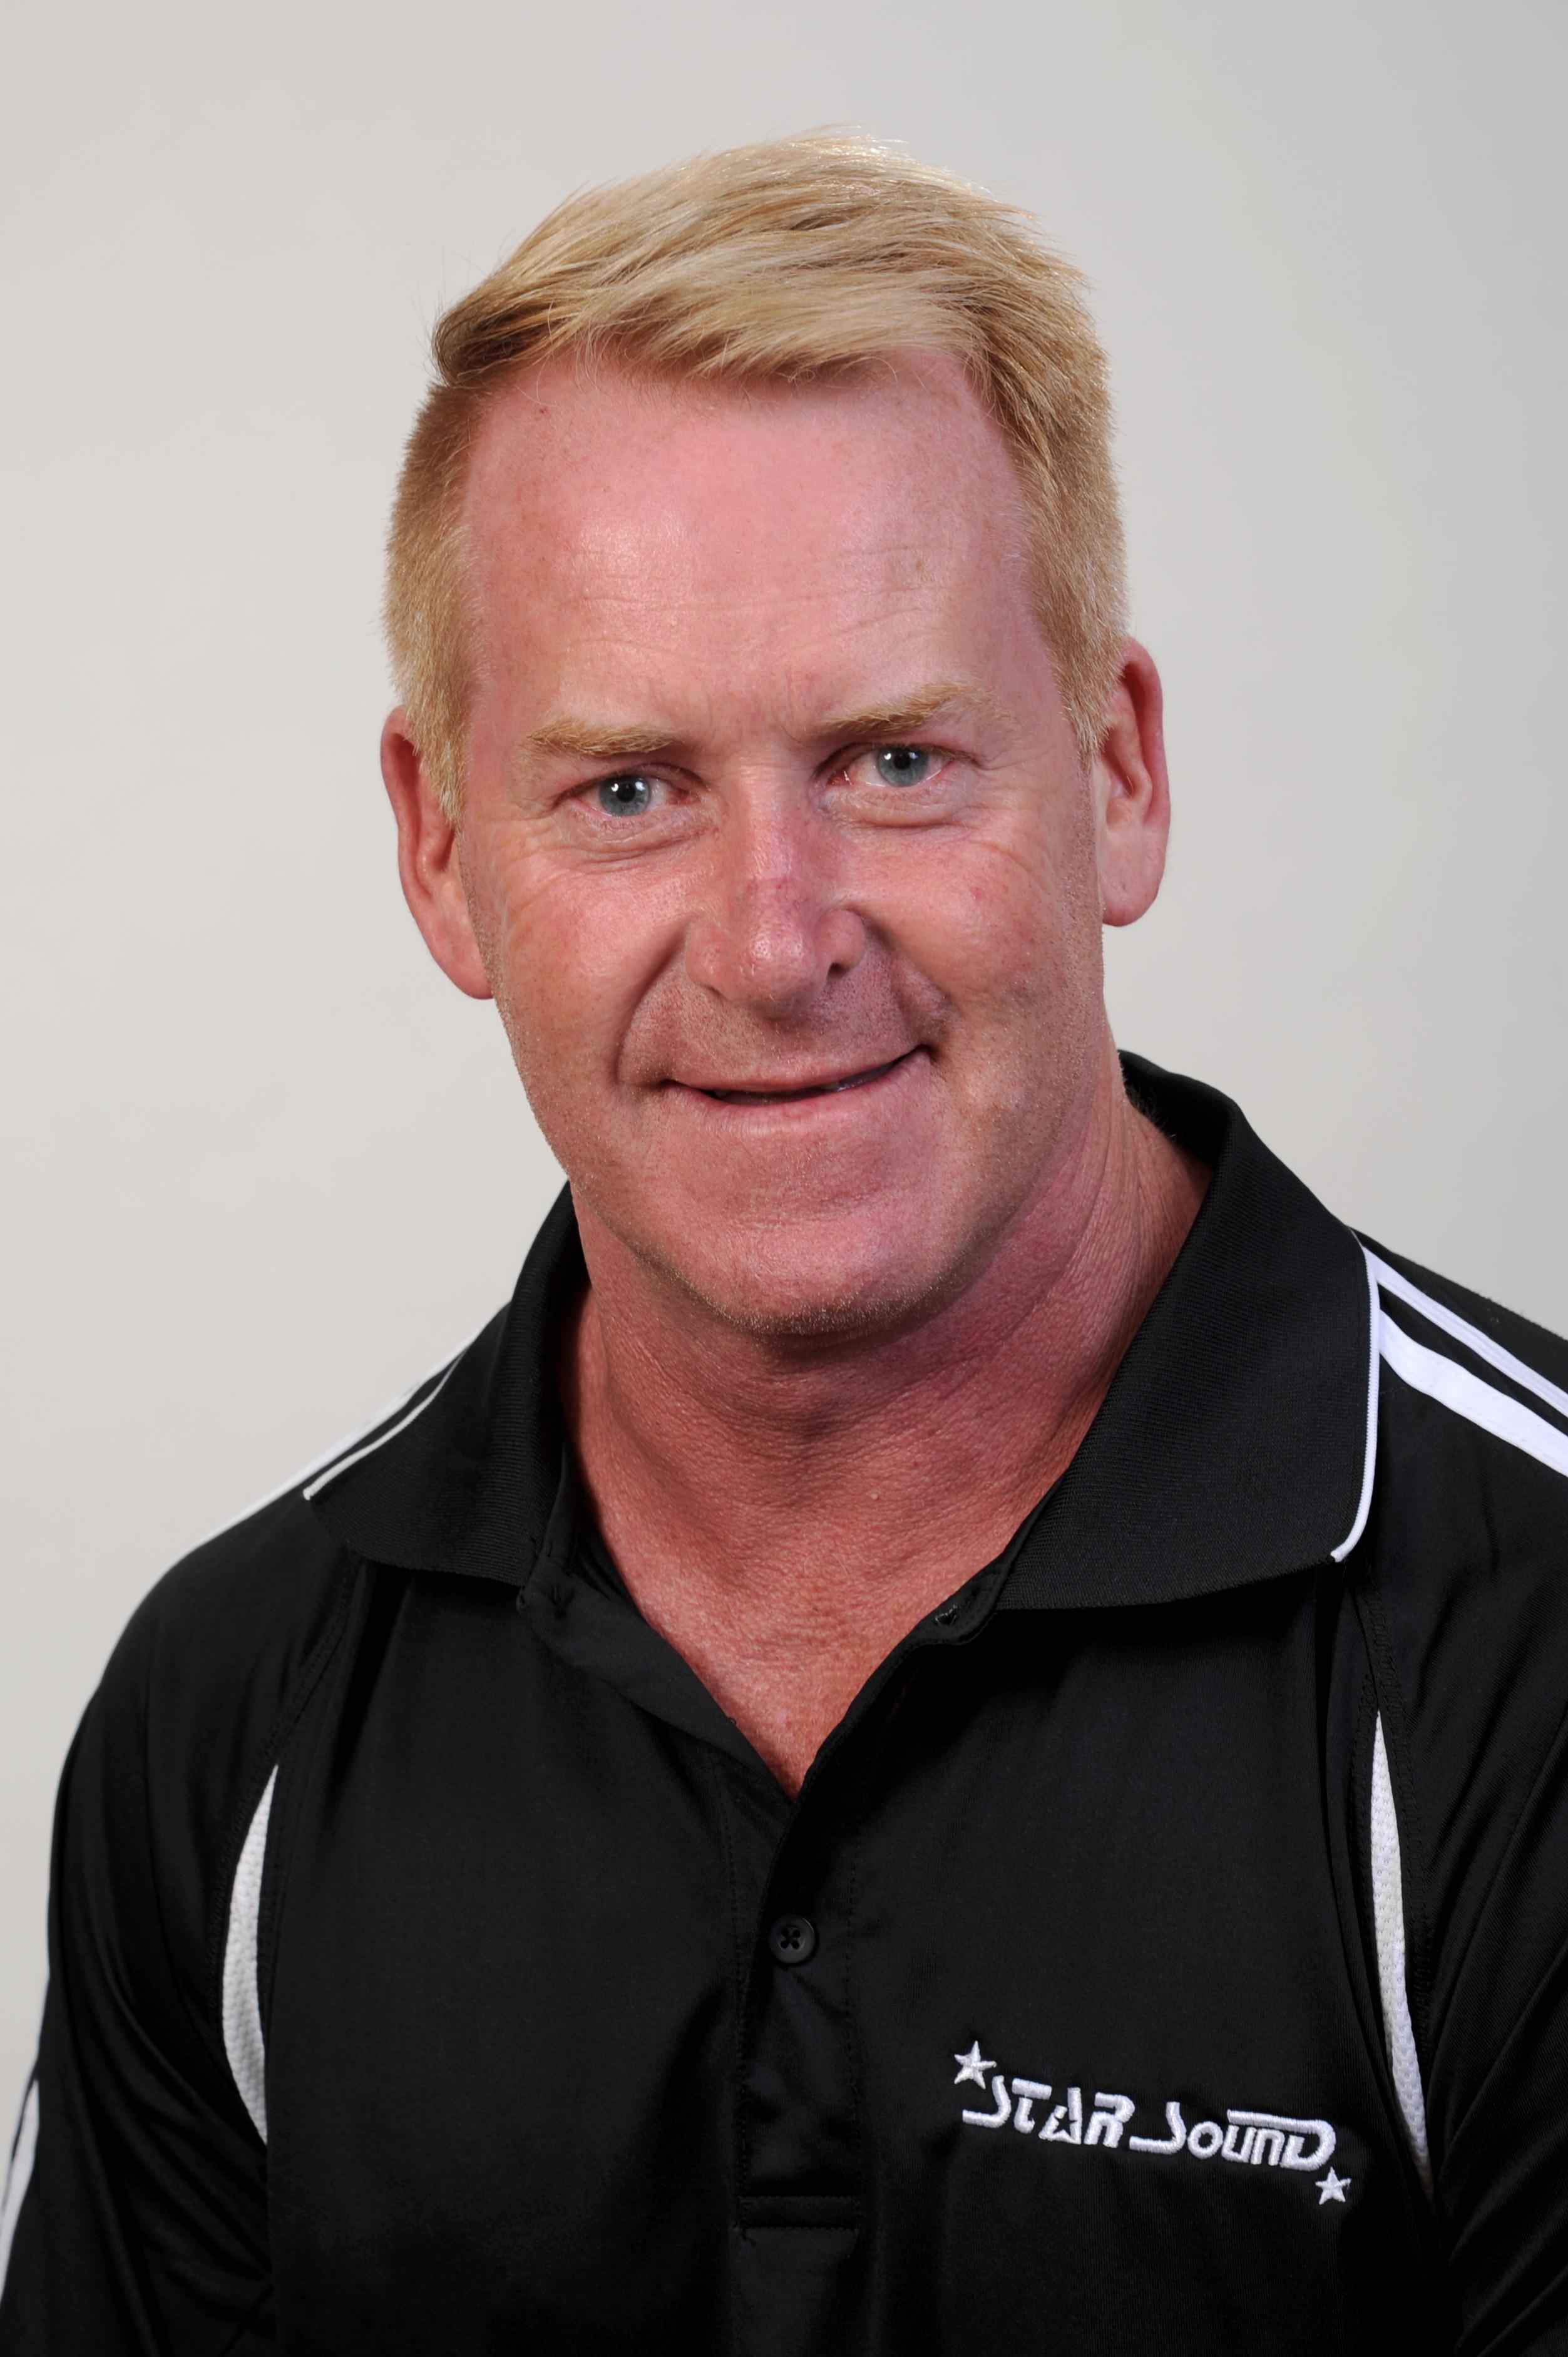 Johan Welthagen